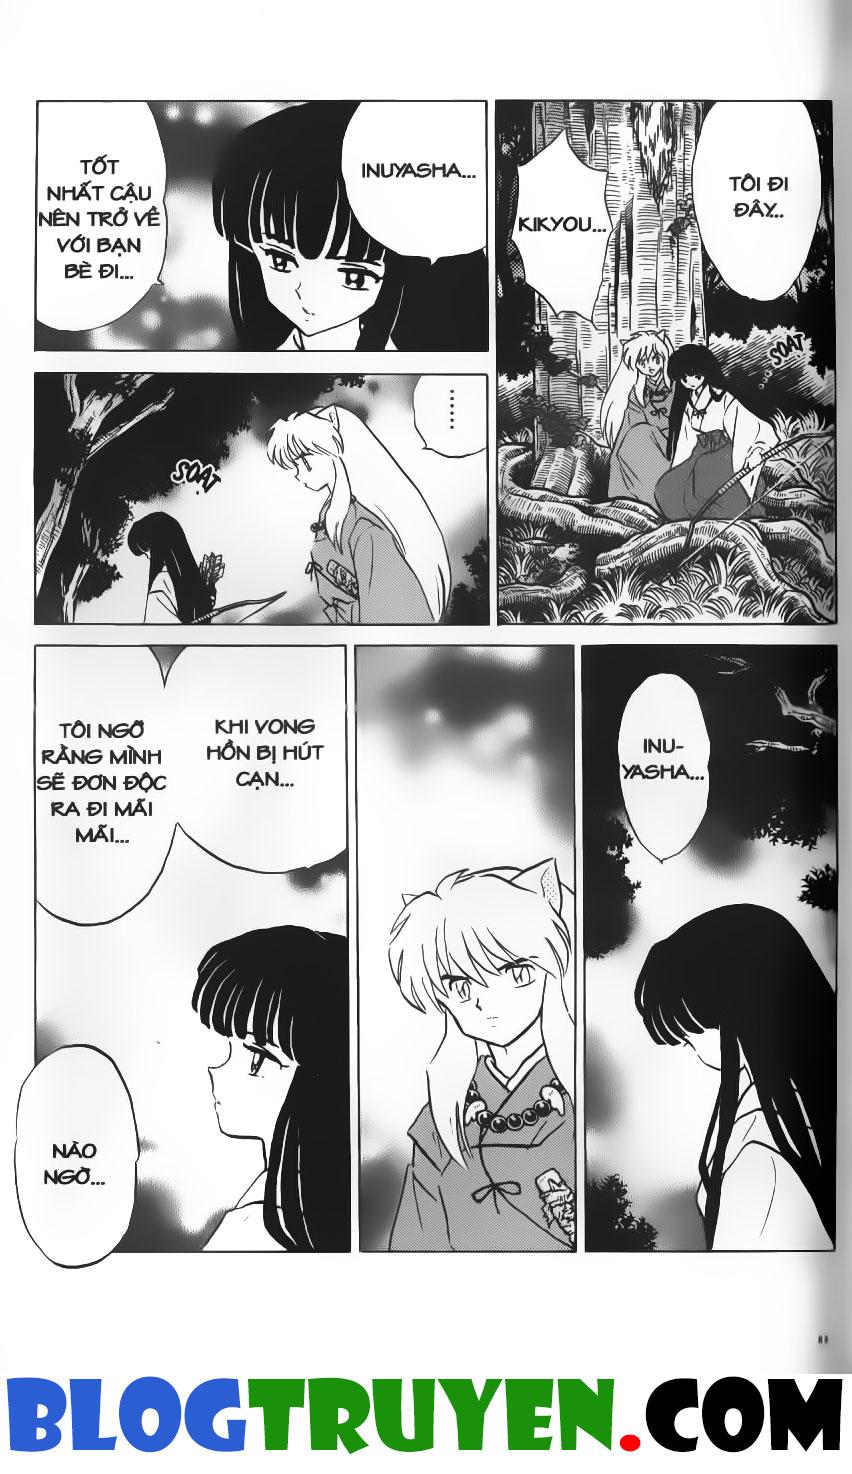 Inuyasha vol 18.5 trang 8